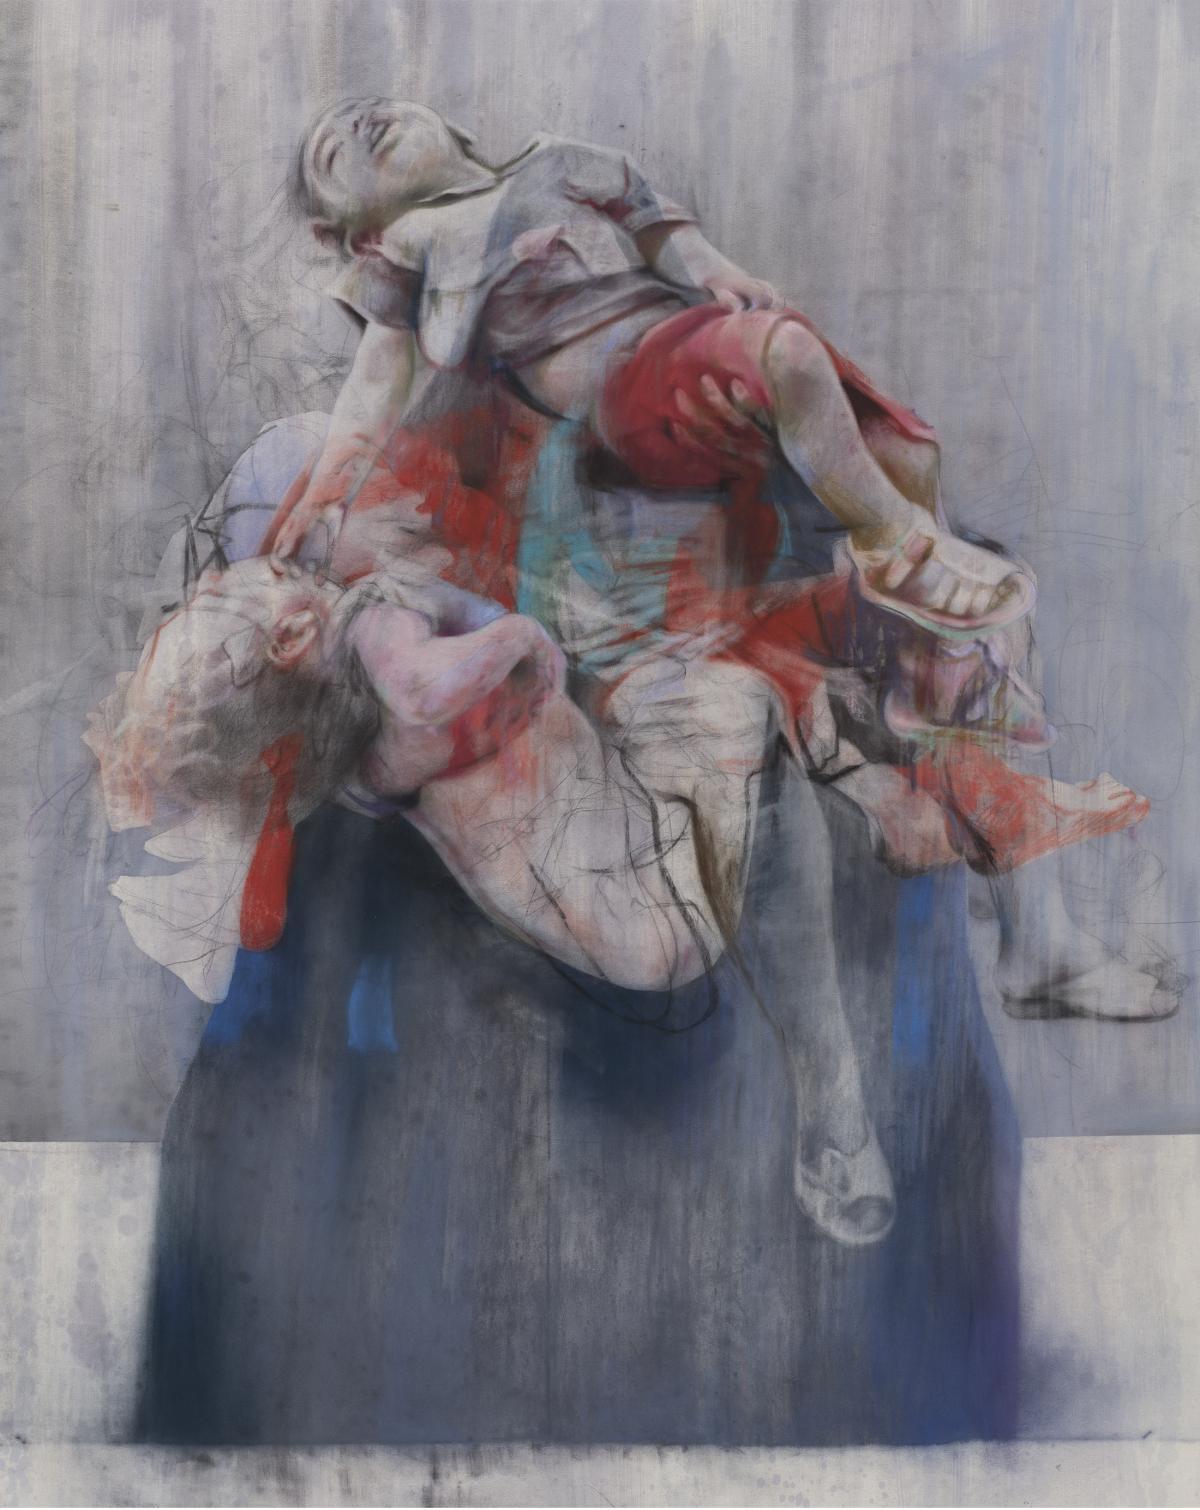 Aleppo , Jenny Saville 2017 - 2018